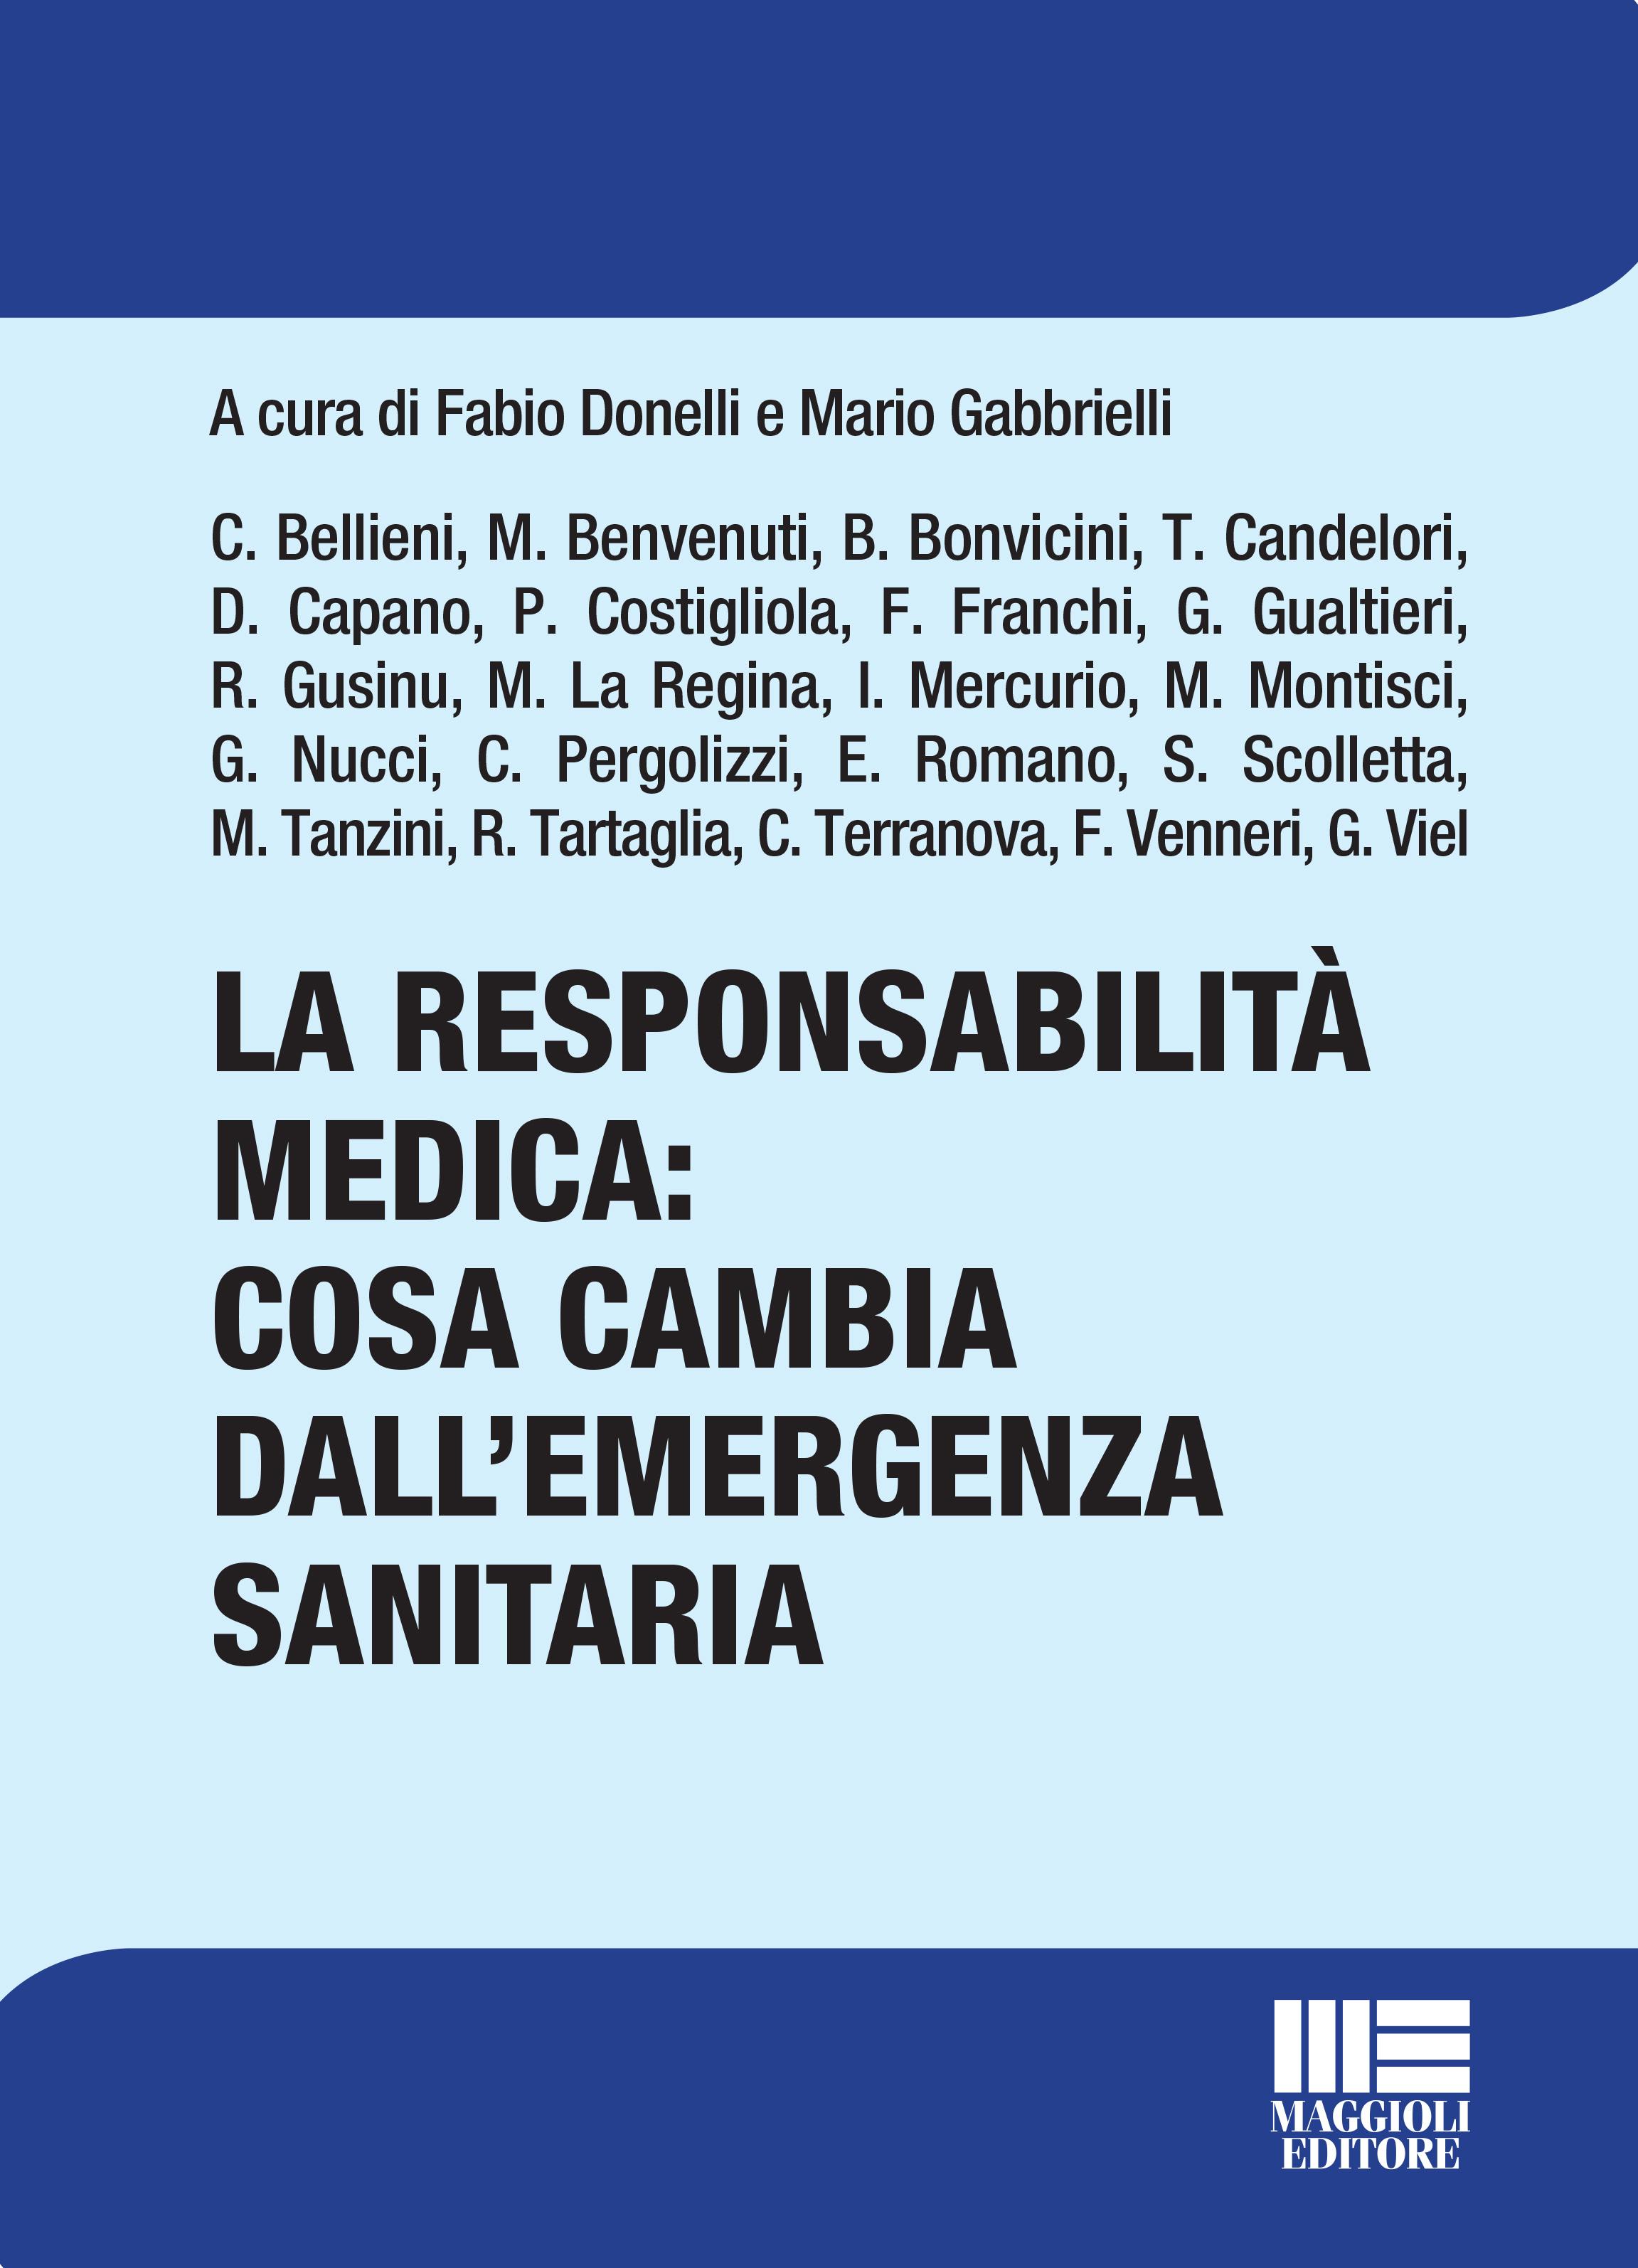 LA RESPONSABILITA' MEDICA: COSA CAMBIA DALL'EMERGENZA SANITARIA - eBook